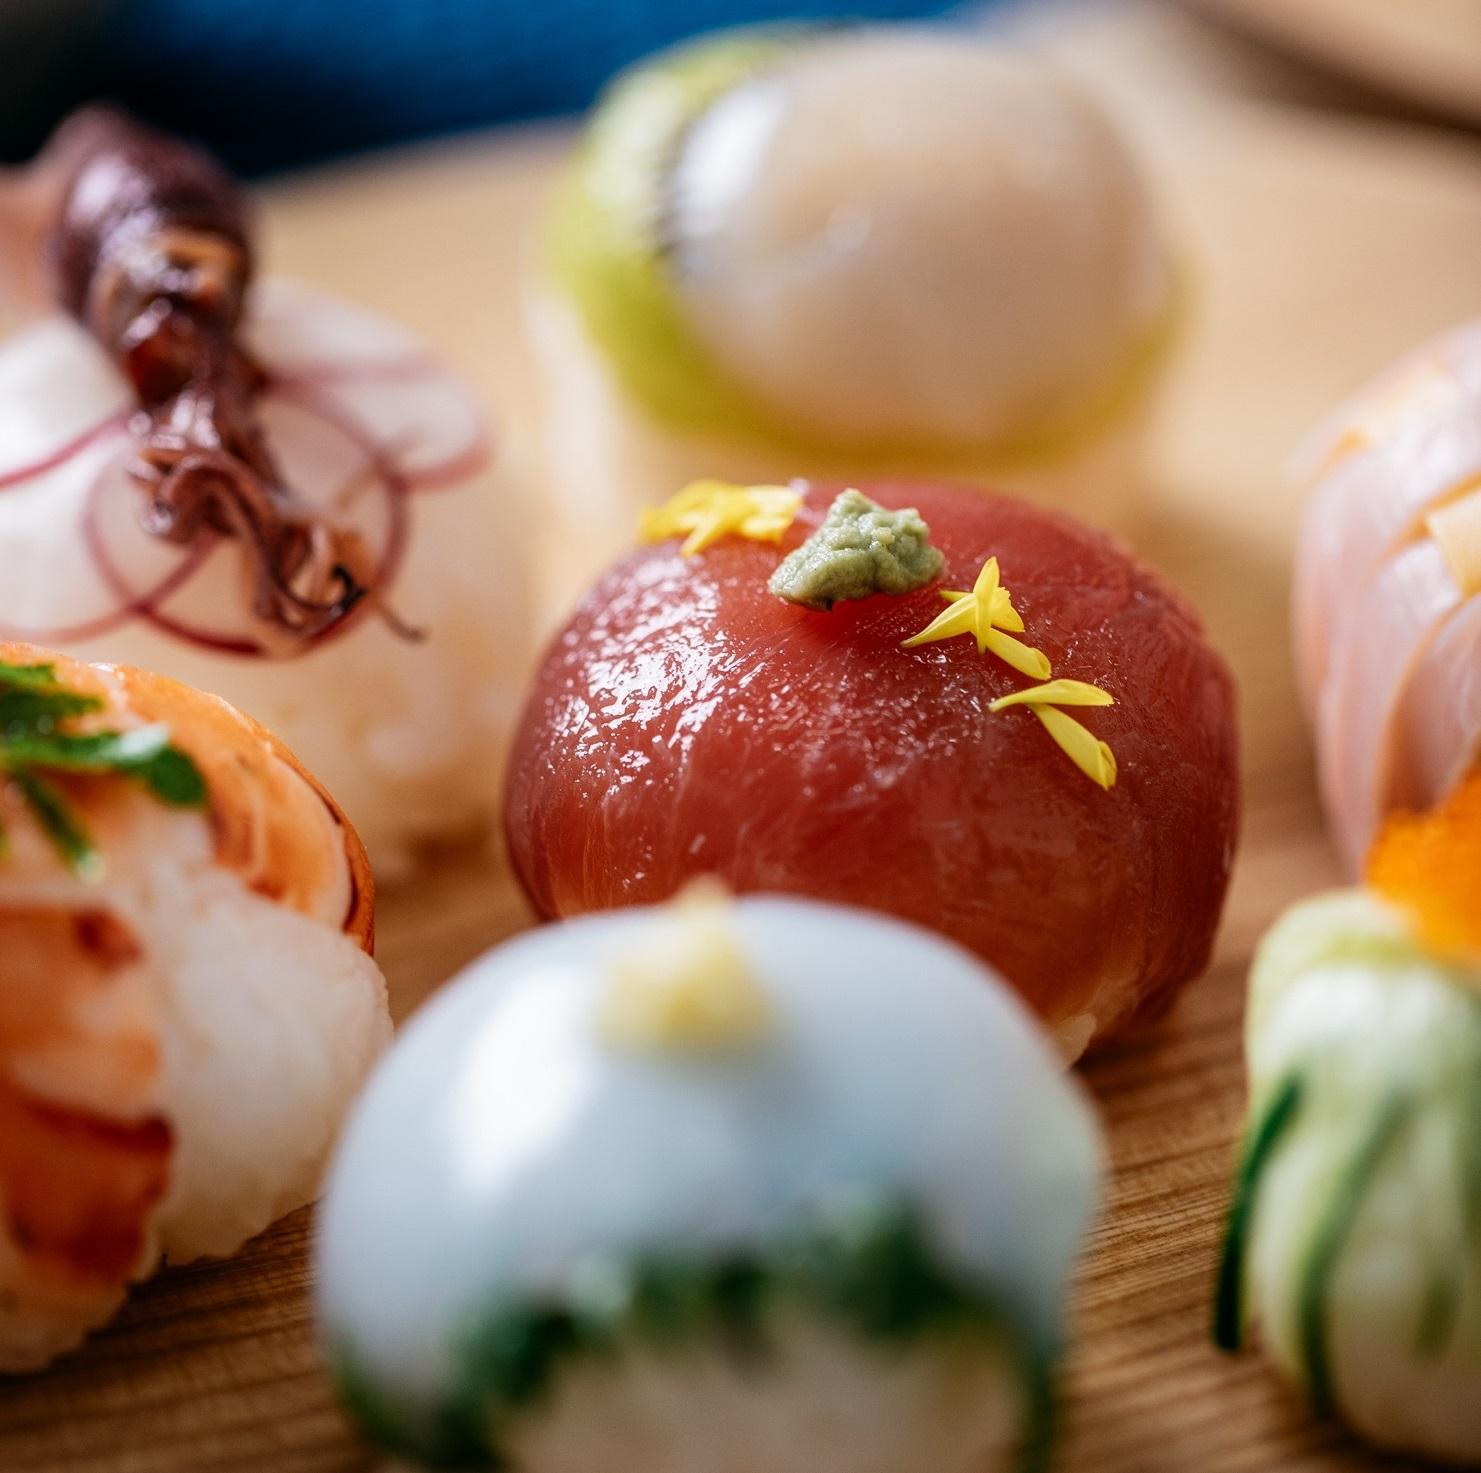 隠し味噌の手まり寿司